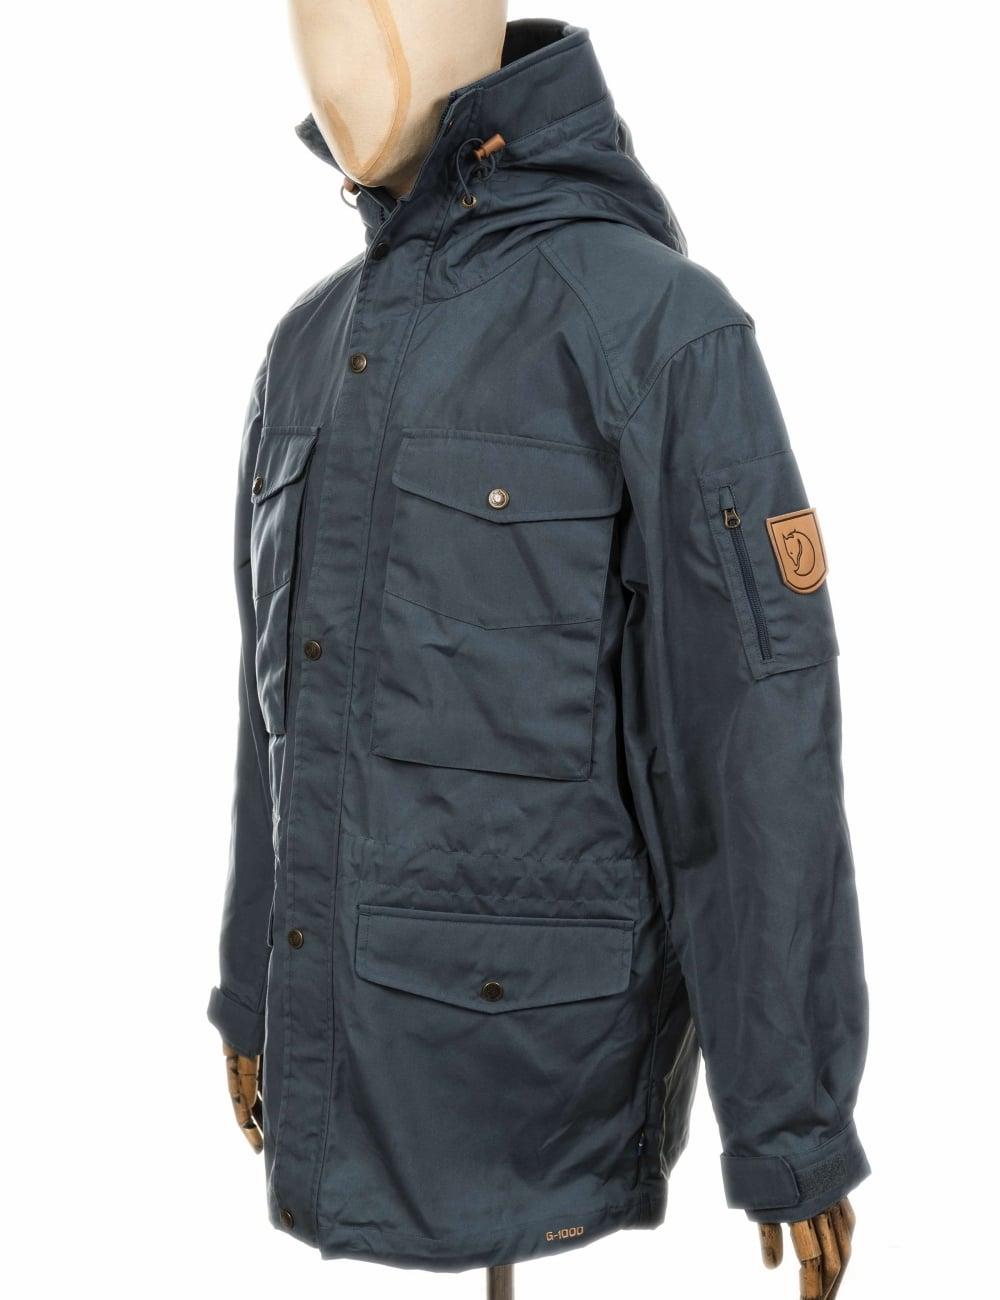 Fjallraven Singi Trekking Jacket - Dusk - Clothing from Fat Buddha ... 99ebeb6810eeb